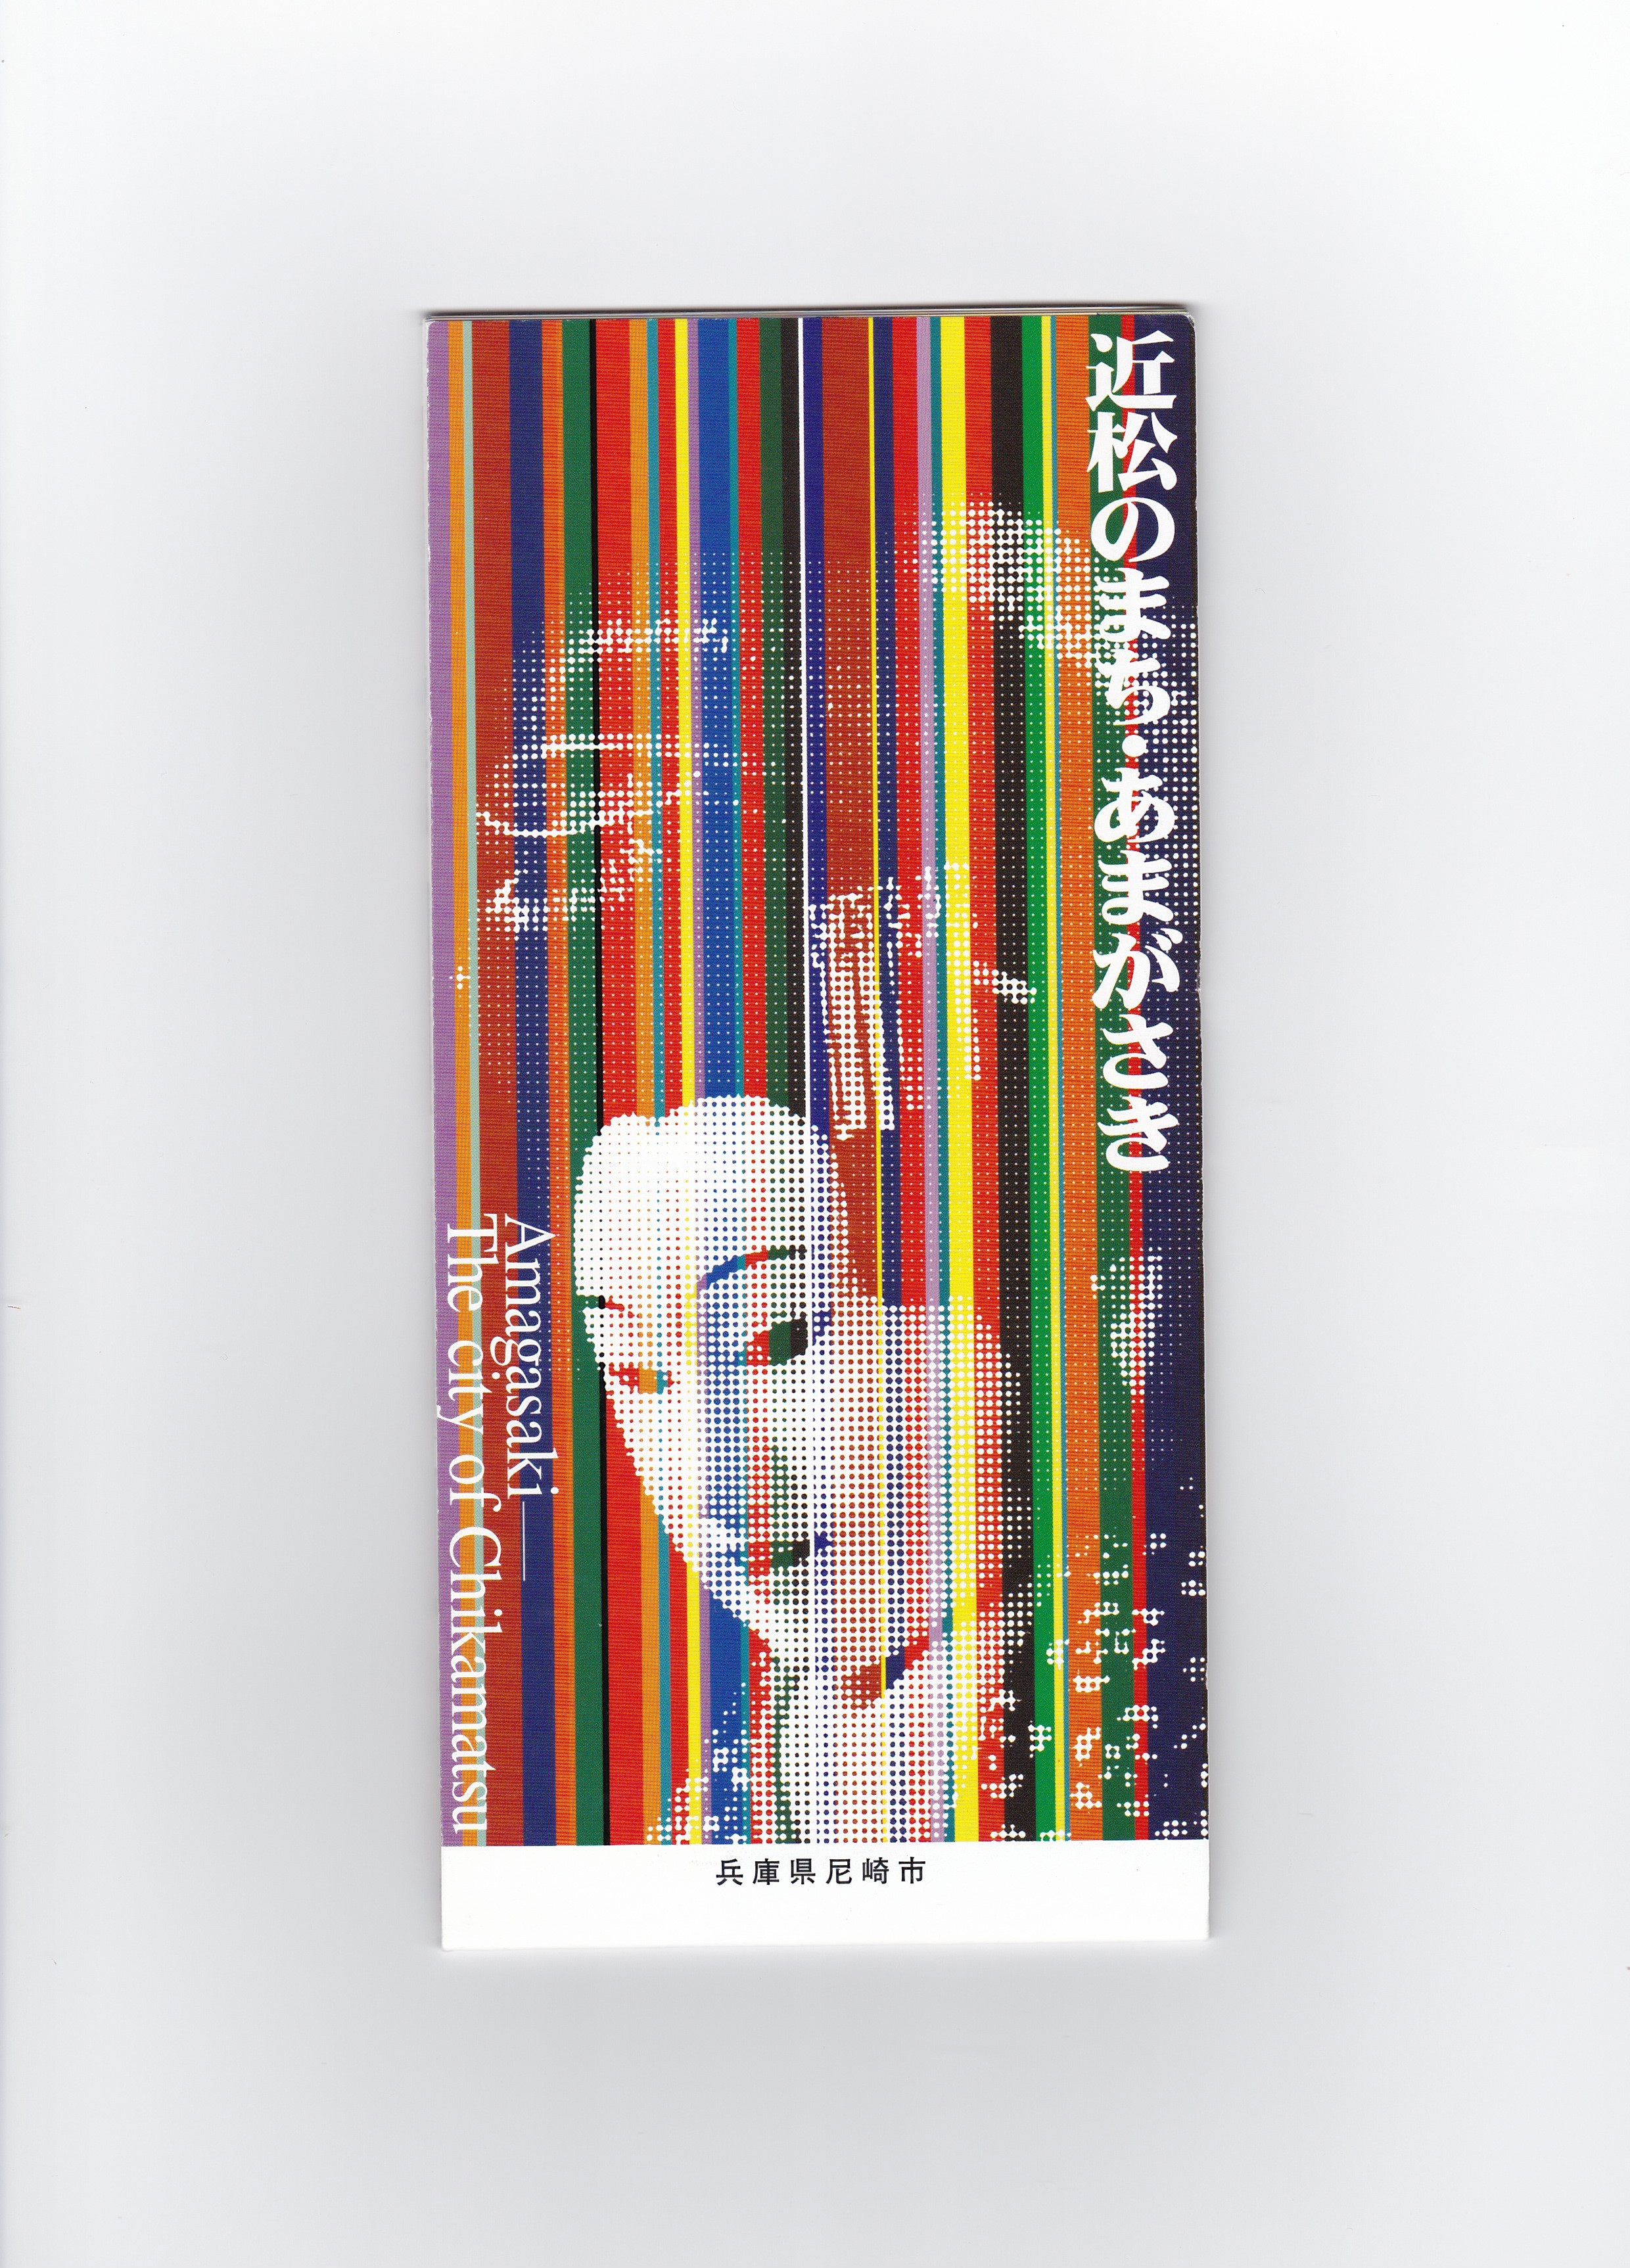 尼崎市発行の近松門左衛門を紹介しているパンフレット。